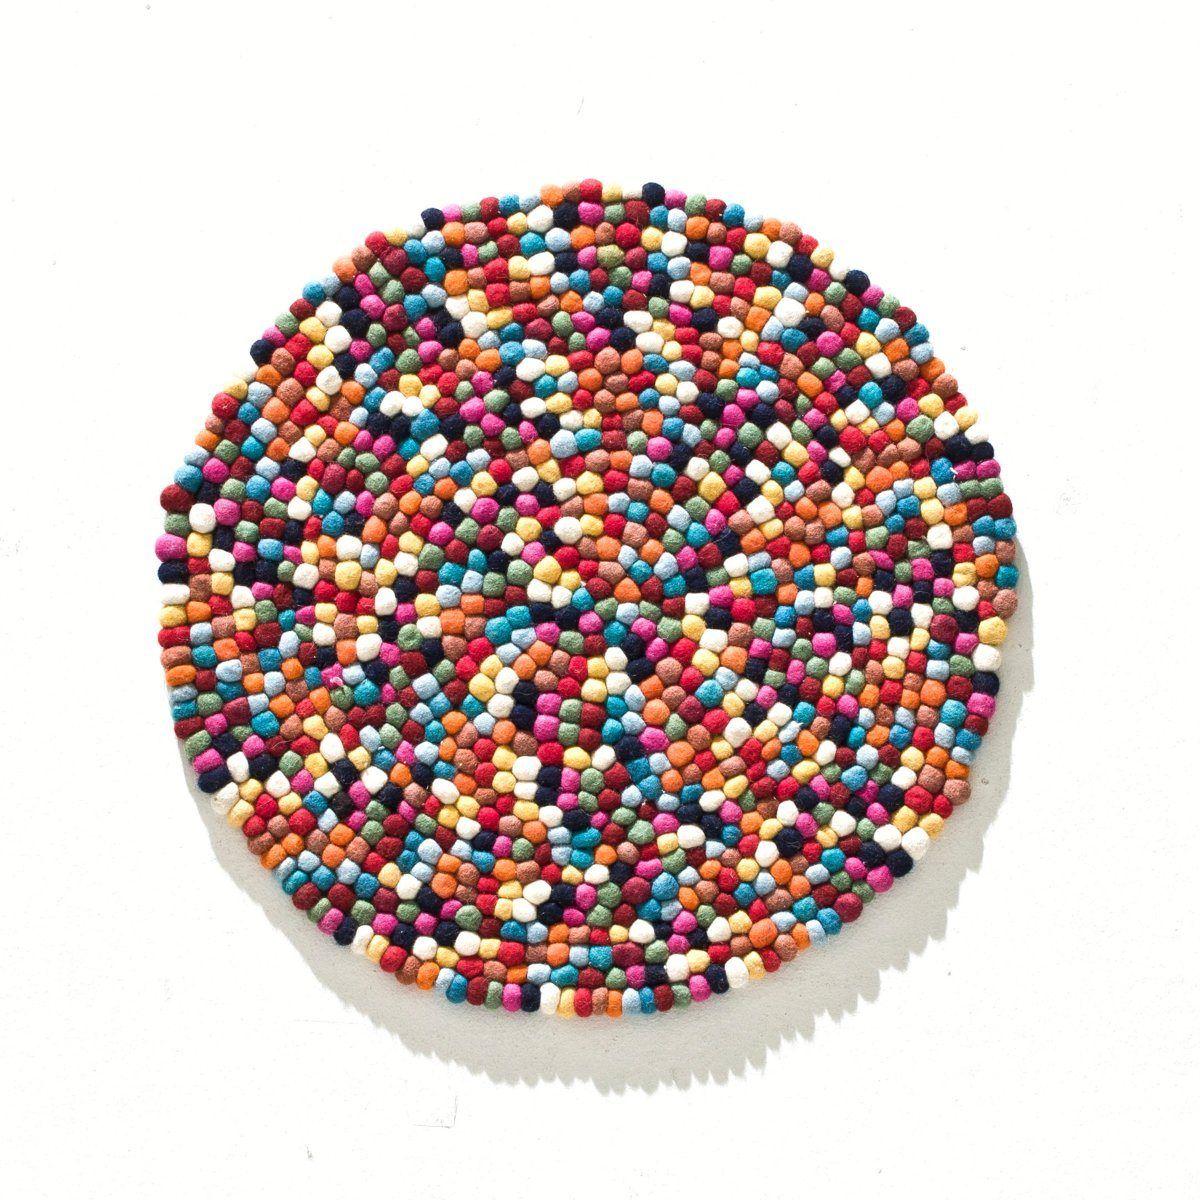 Excellent la redoute tapis rond laine feutre boules autre la redoute with tapis rond la redoute - Tapis rond la redoute ...